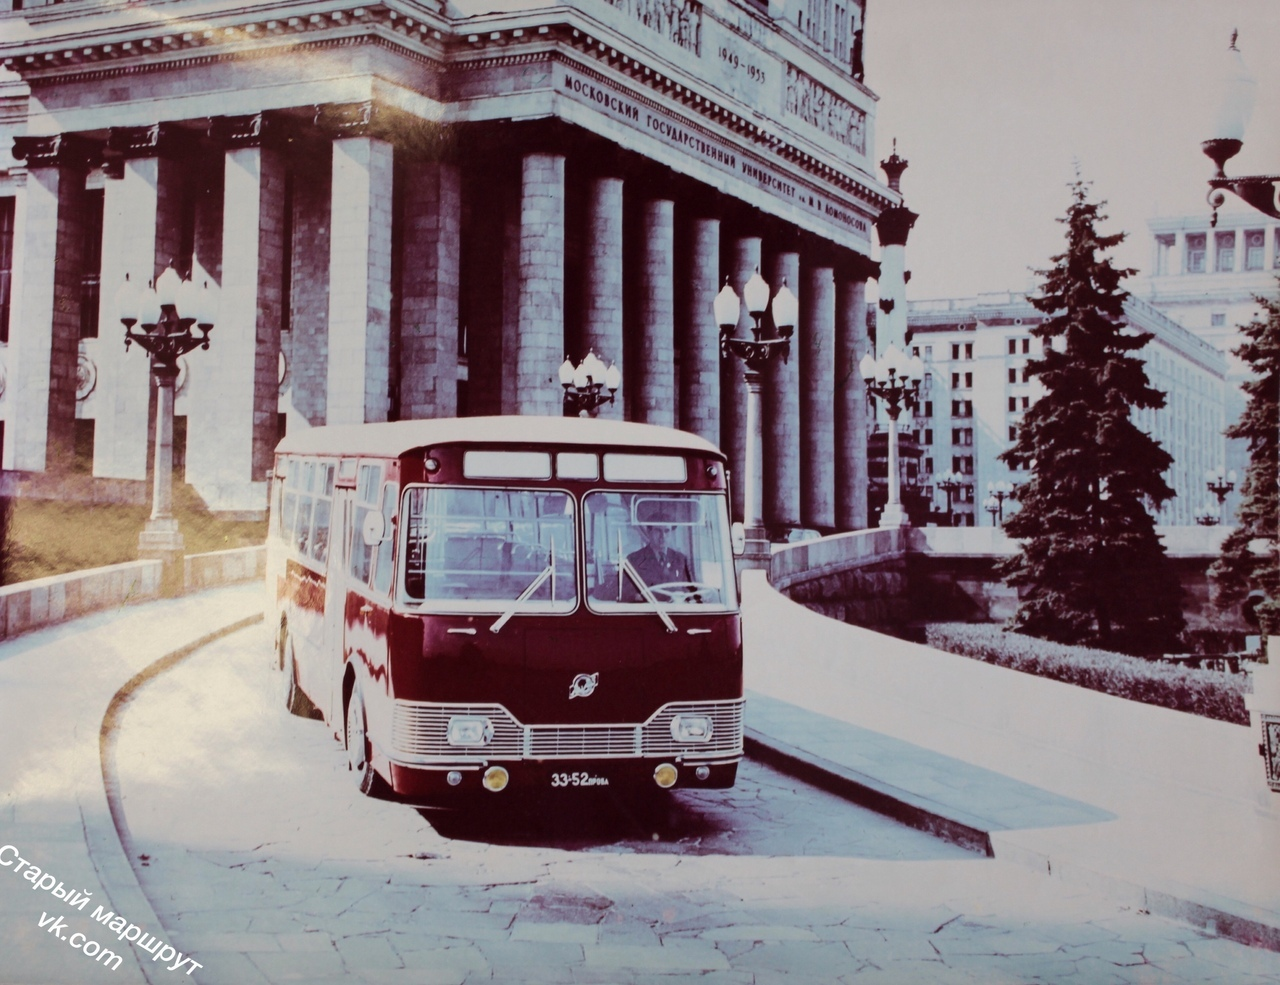 ЛиАЗ-677Э / Москва 1971 год.  #ЛикиноДулёво #Ликино #Дулёво